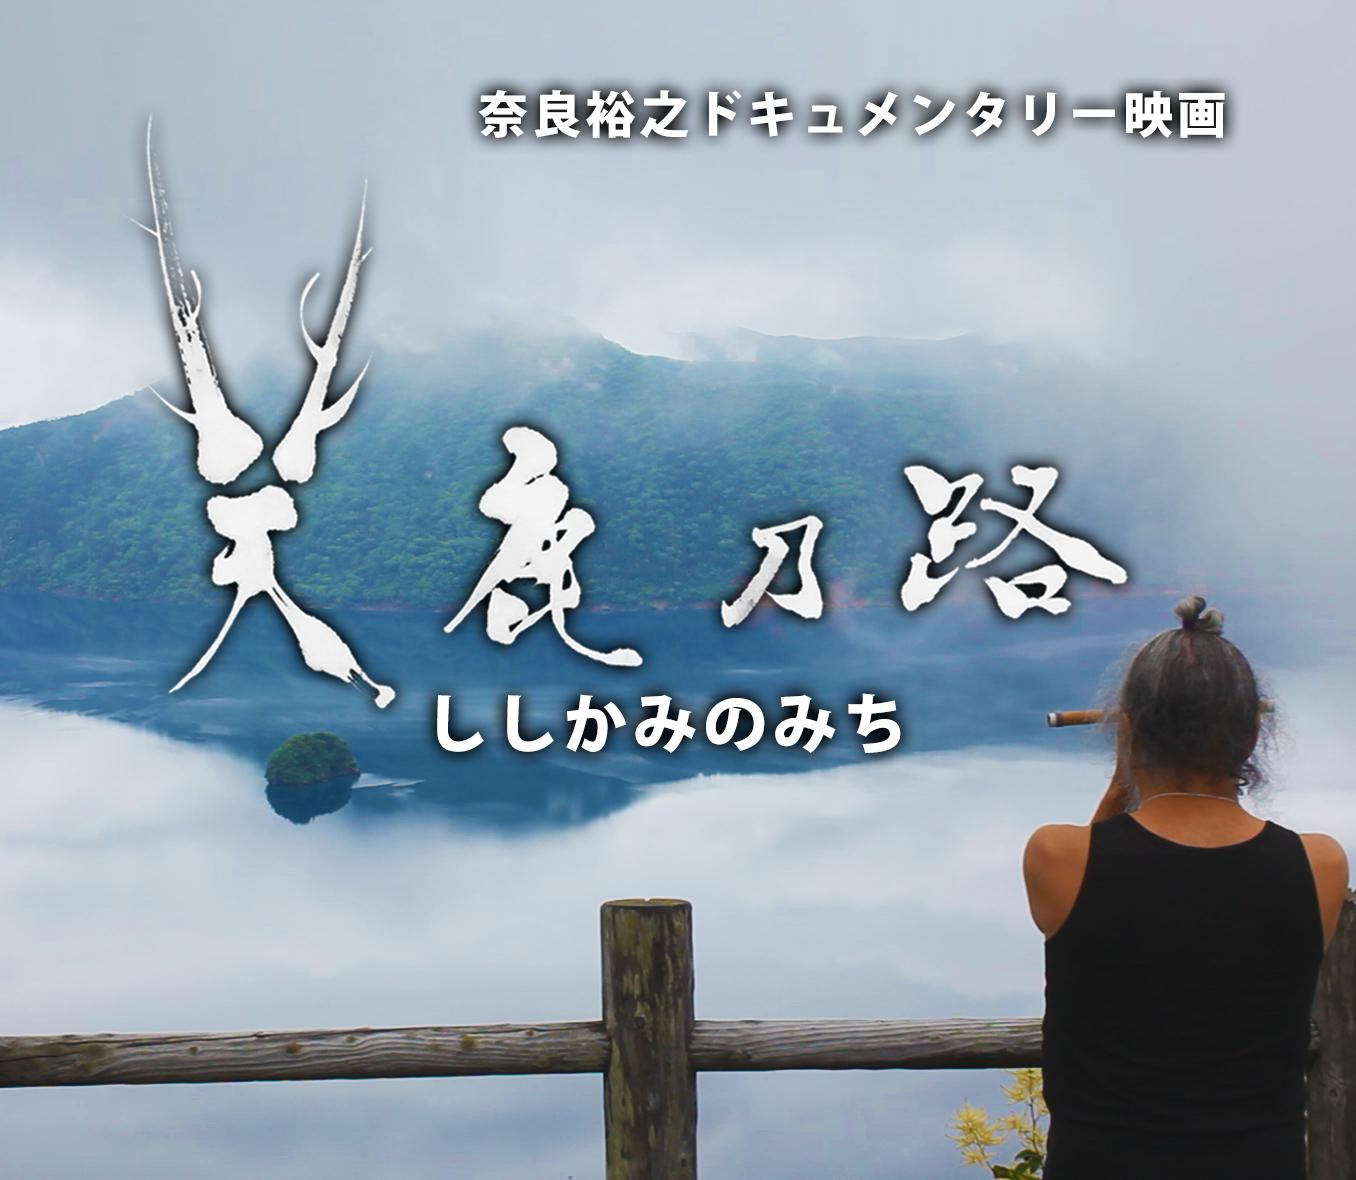 前売券6.30横浜戸塚『天鹿乃路-ししかみのみち』上映会+奈良裕之コンサート